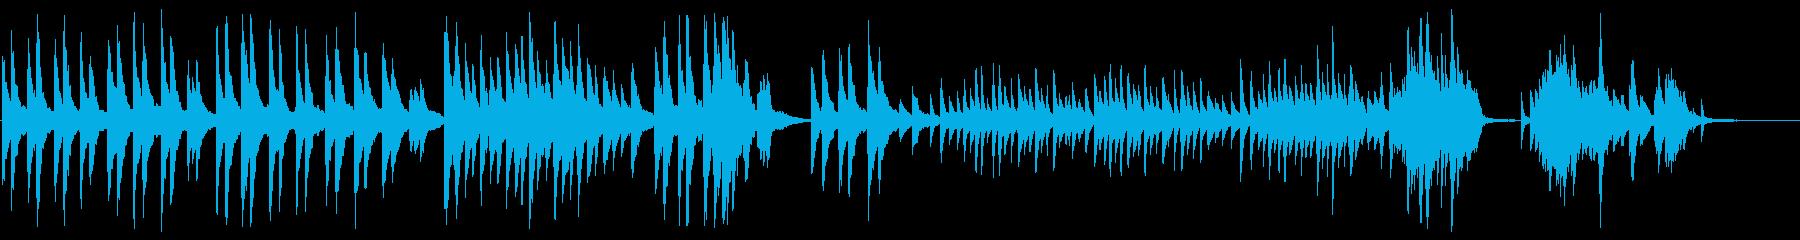 「仰げば尊し」のピアノカバーBGMの再生済みの波形